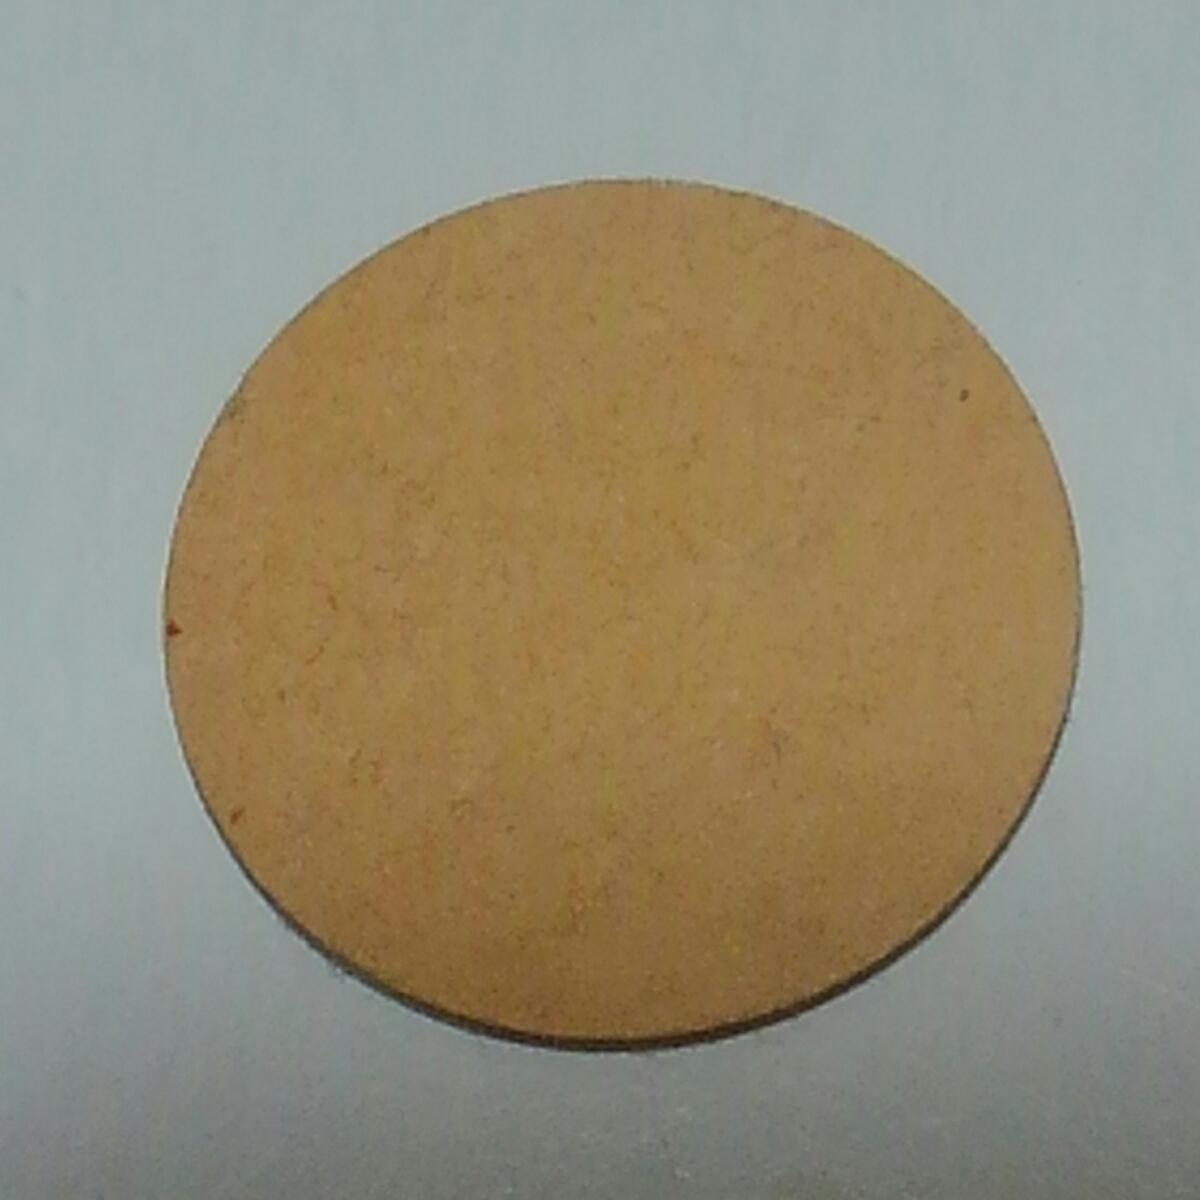 【牛乳キャップ】【レア】(キャップ小) 40年以上前 ヘルス・A 未使用 愛知県/東和酪品株式会社_画像2